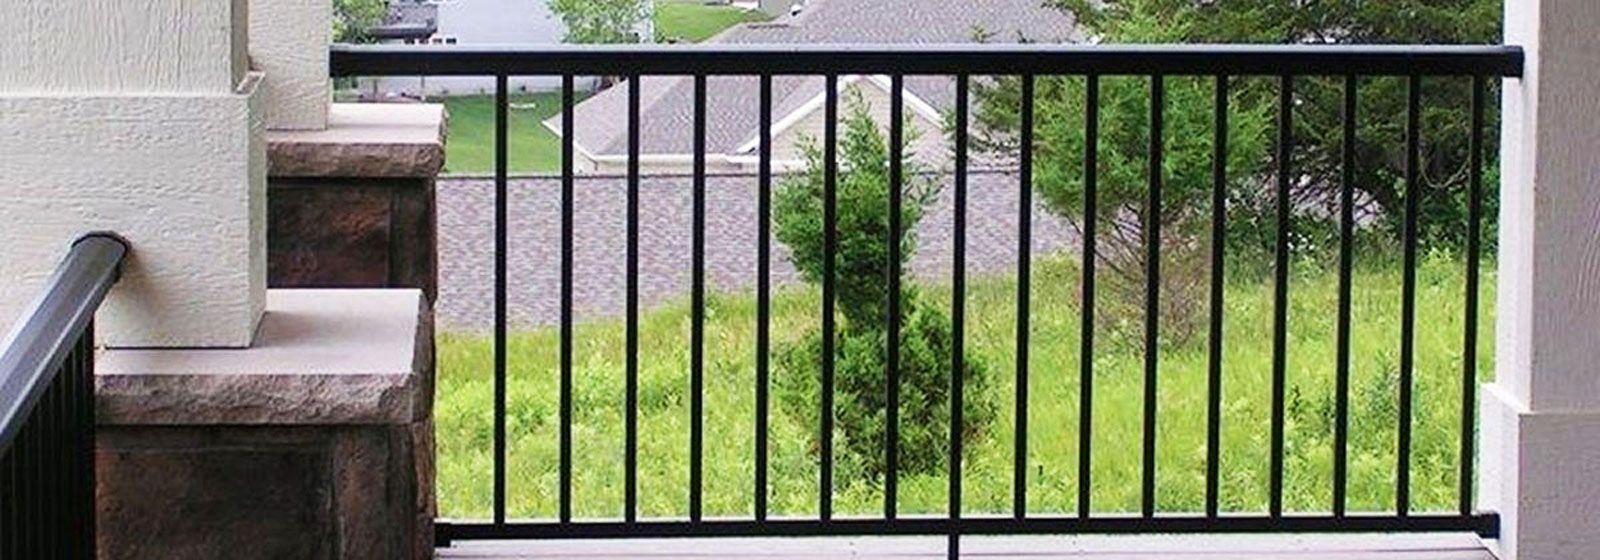 Aluminum Deck Railing - Aluminum ...   Aluminum decking ...